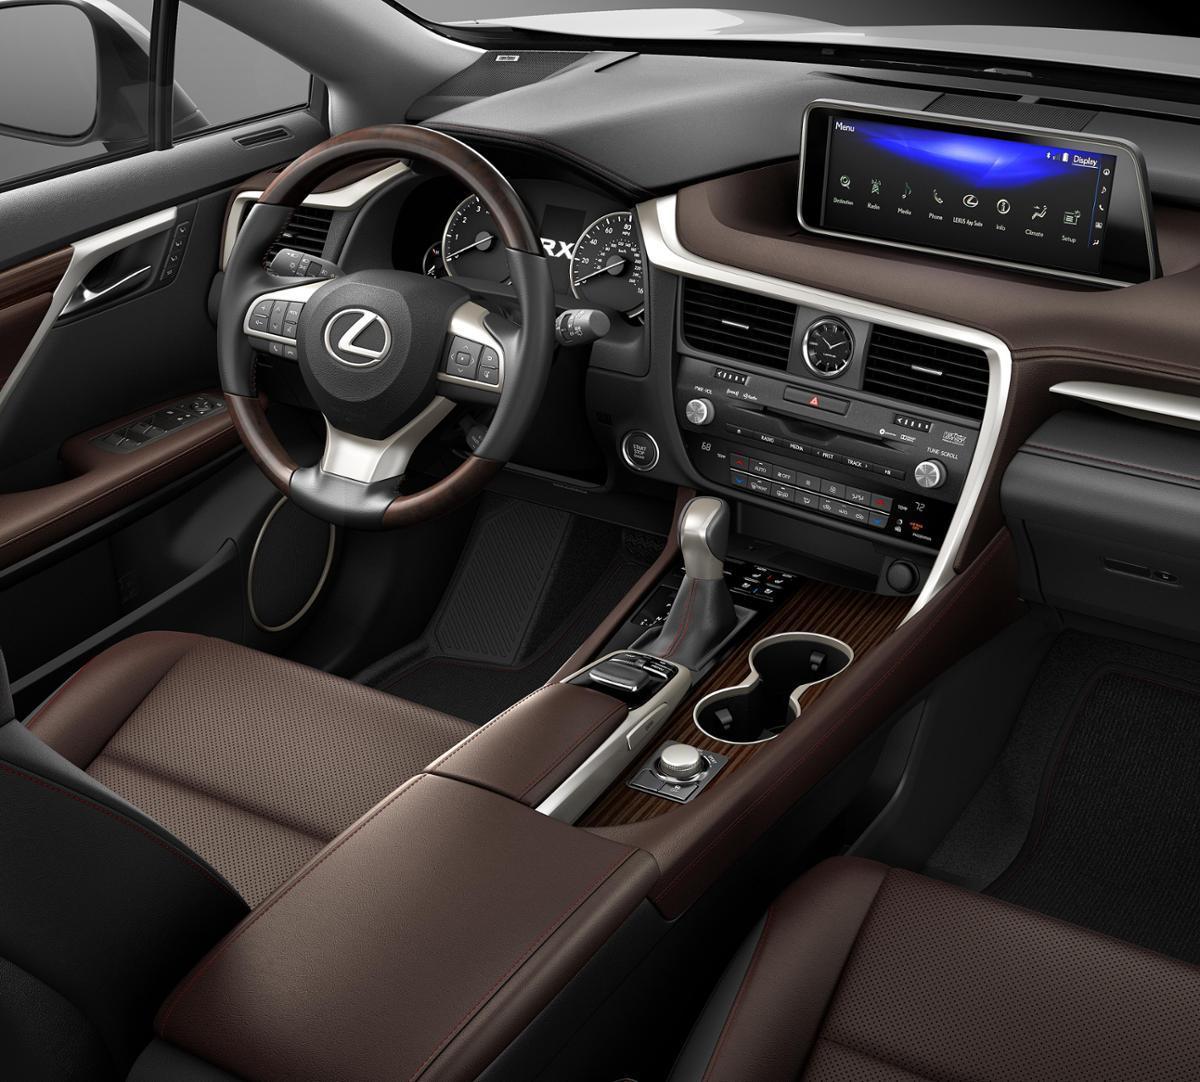 2017 Lexus Rx 350 For Sale In El Cajon At Lexus El Cajon